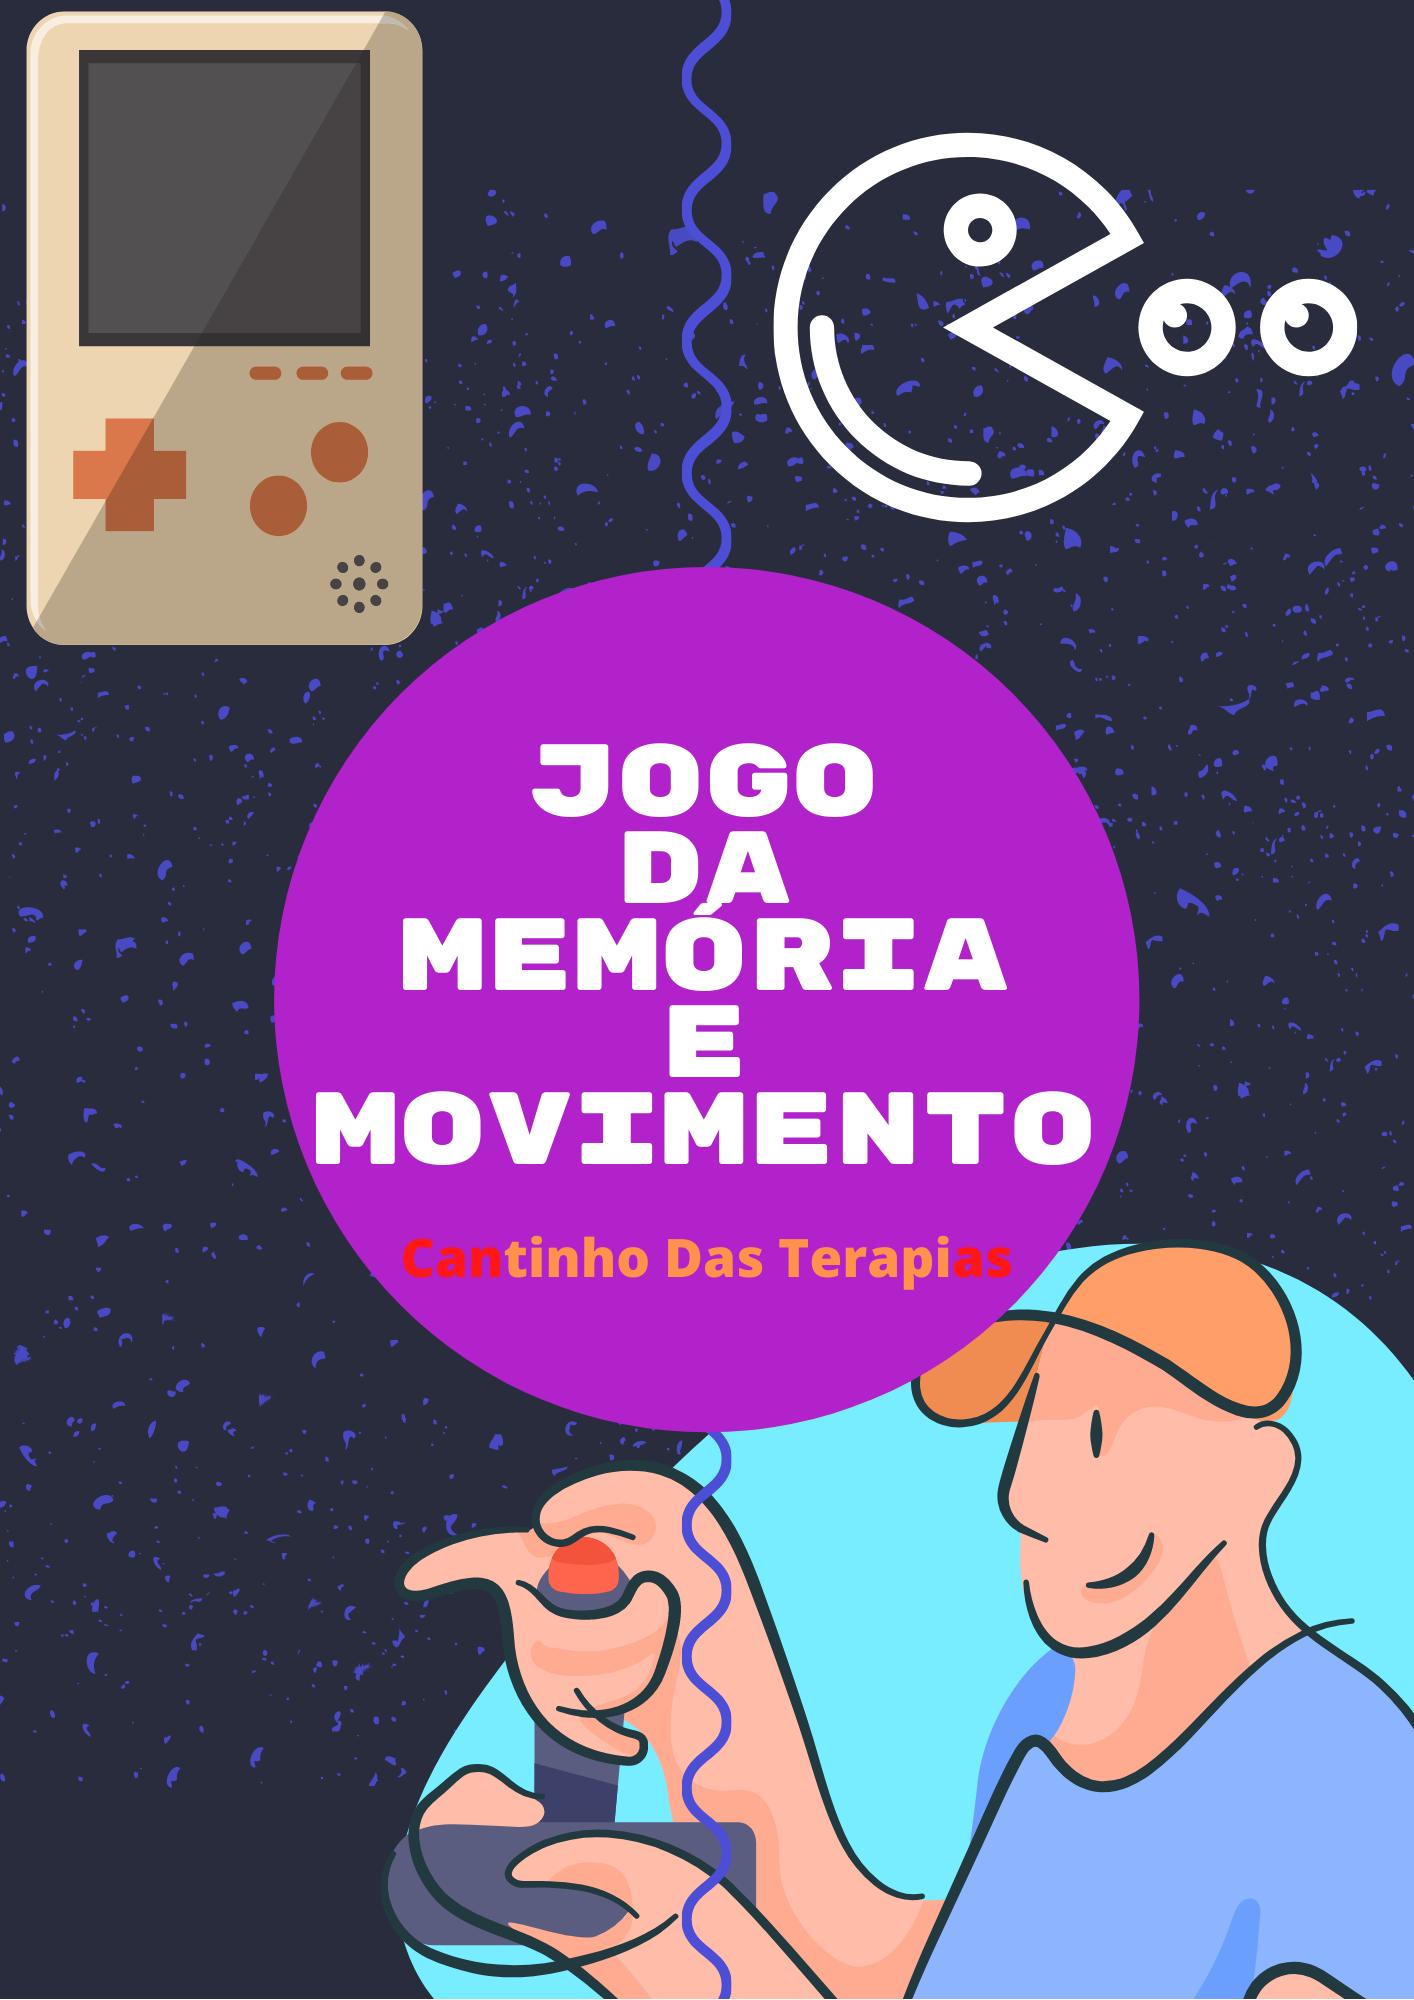 .: Jogo de Memória e Movimento :.